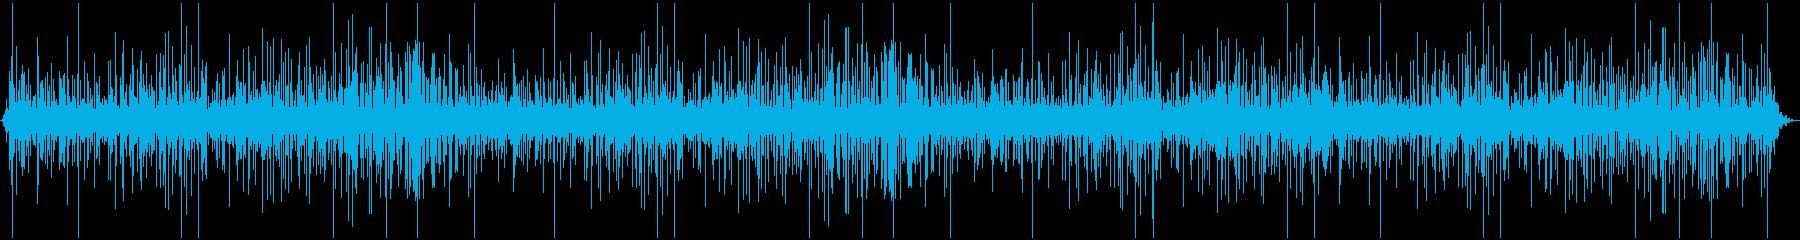 チョロチョロの再生済みの波形